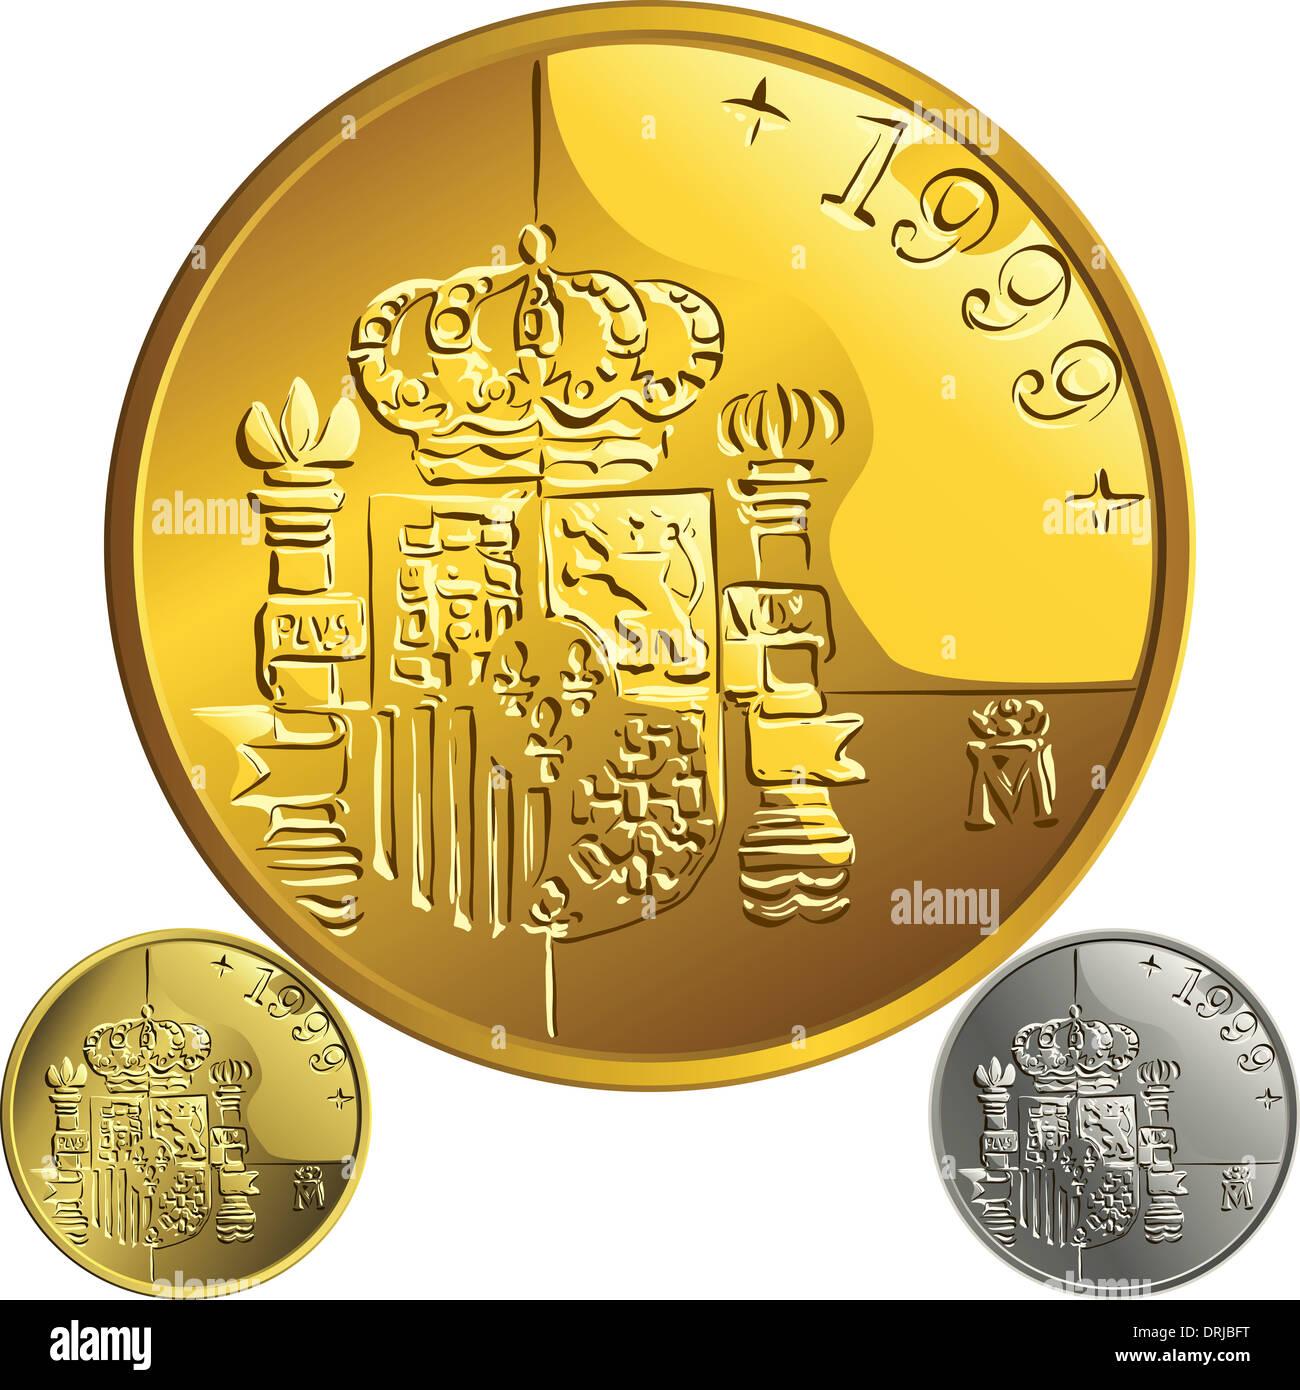 Spanische Geld Peseta Gold Und Silber Münze Mit Dem Spanischen